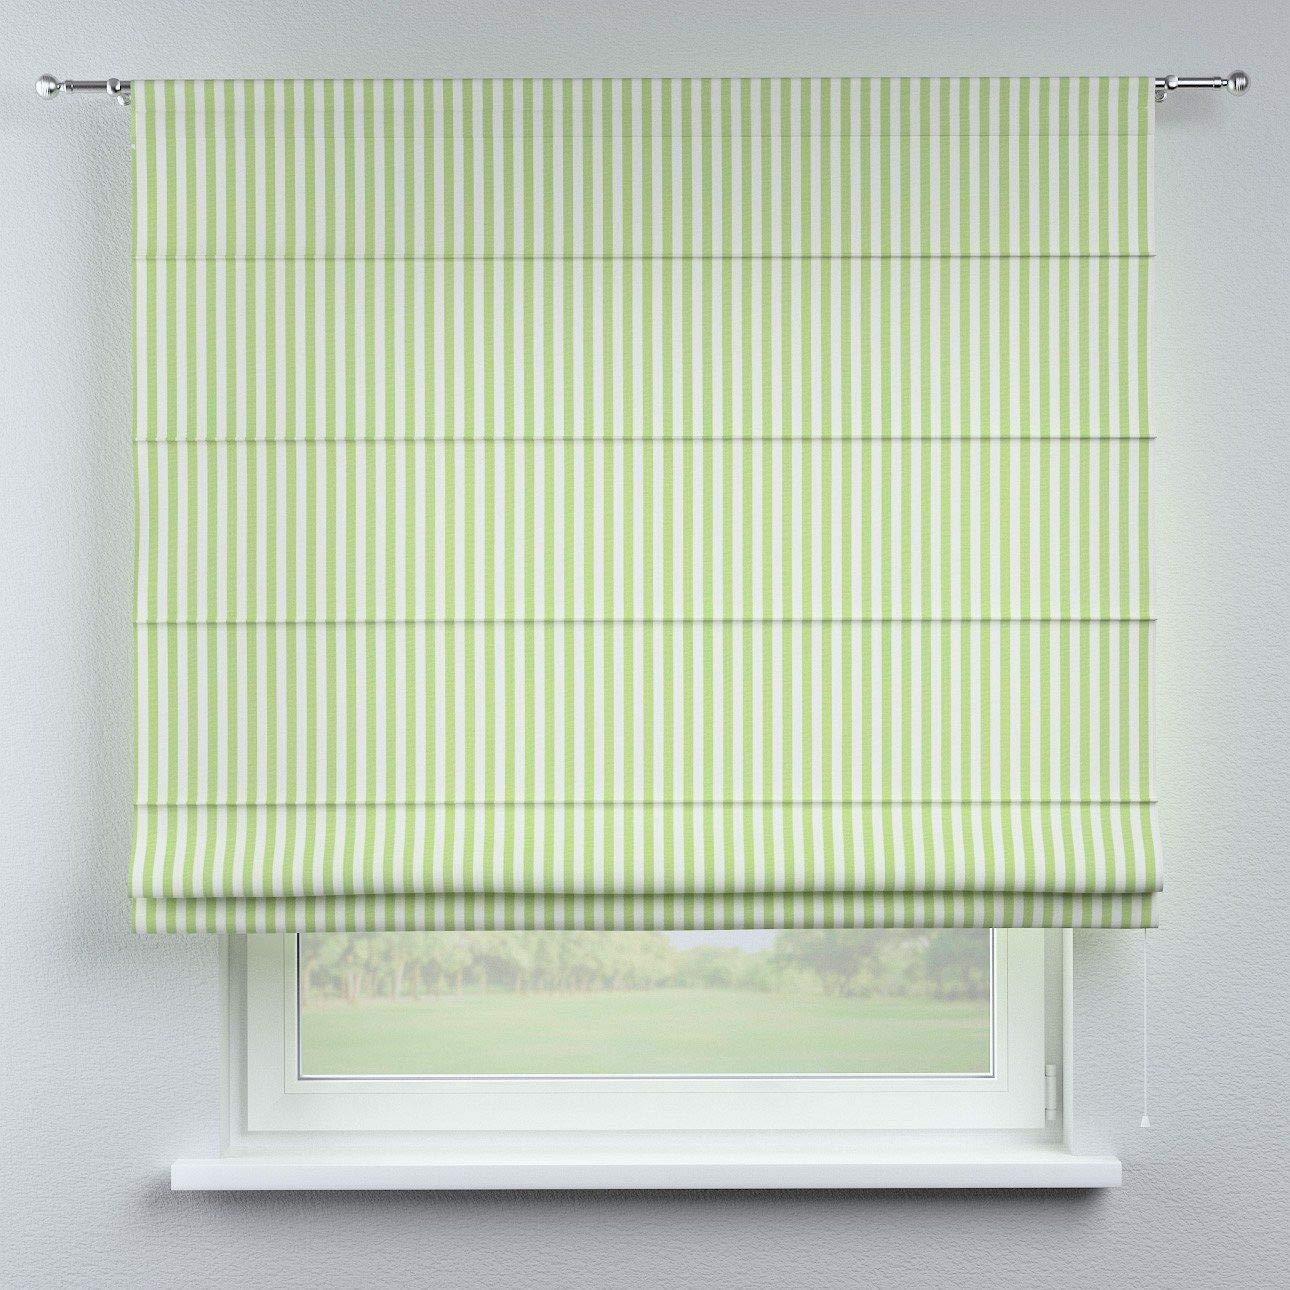 Dekoria Raffrollo Torino ohne Bohren Blickdicht Faltvorhang Raffgardine Wohnzimmer Schlafzimmer Kinderzimmer 130 × 170 cm Weiss-grün gestreift Raffrollos auf Maß maßanfertigung möglich